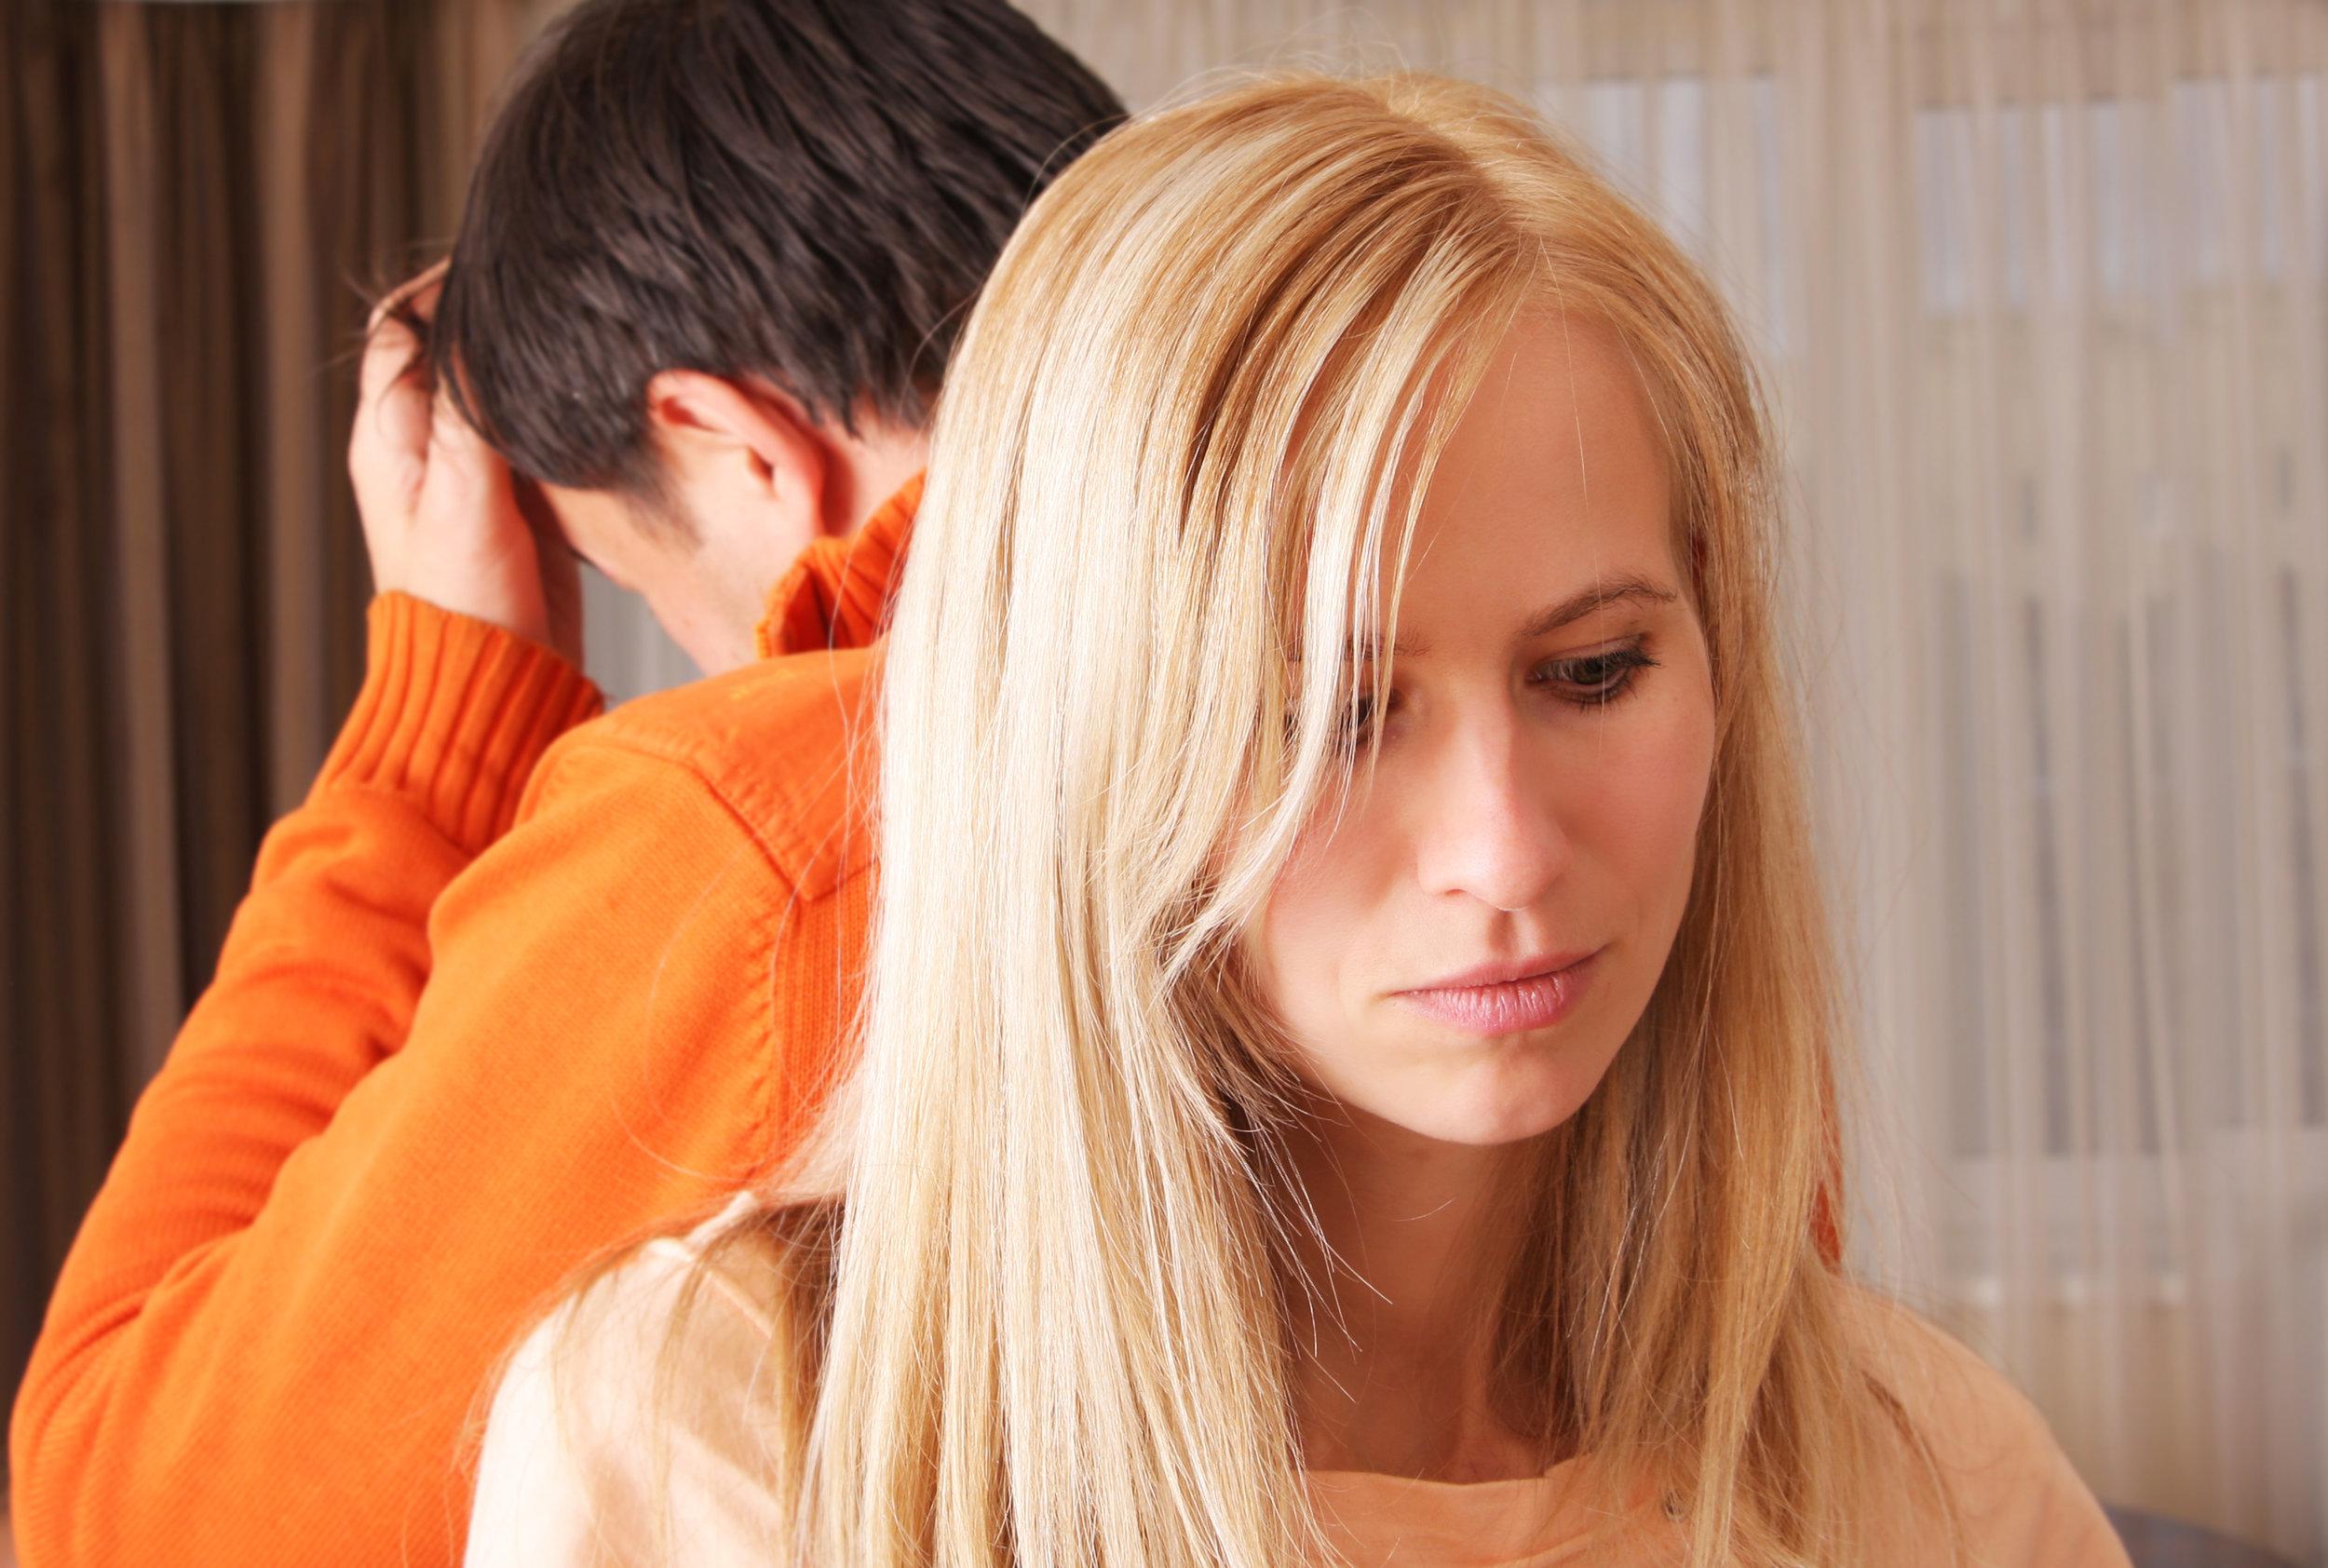 Quarrel between men and women